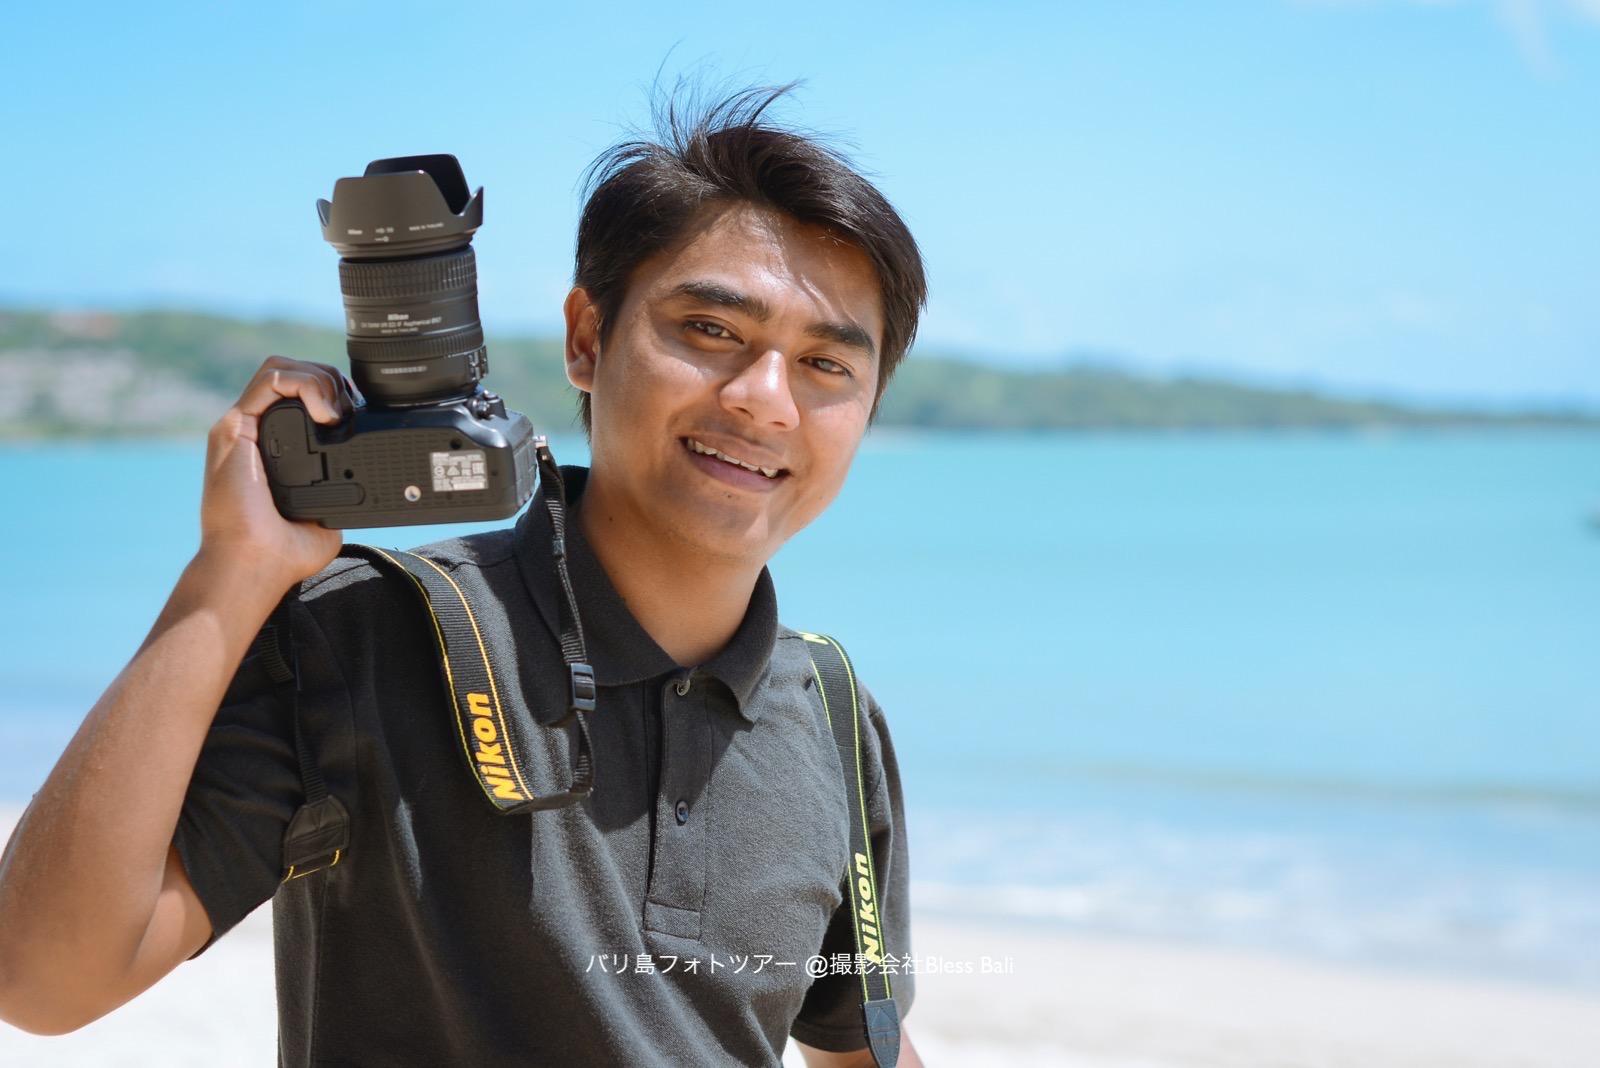 カメラマン デニー